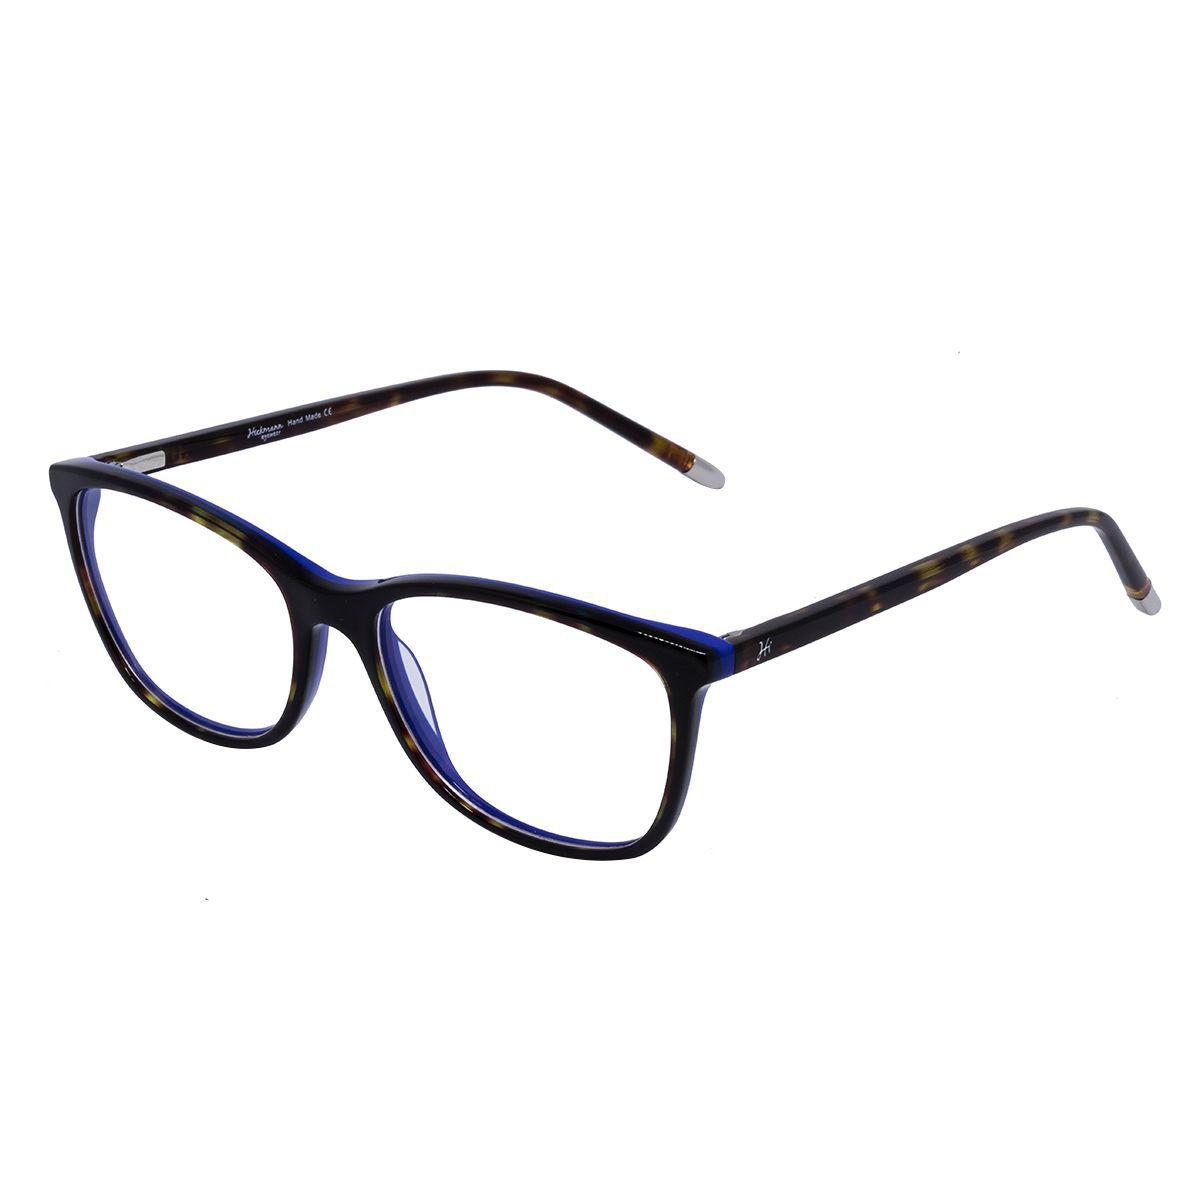 559ef0429 Óculos de Grau Hickmann Feminino HI6044 CG23 - Acetato Tartaruga Azul R$  353,00 à vista. Adicionar à sacola